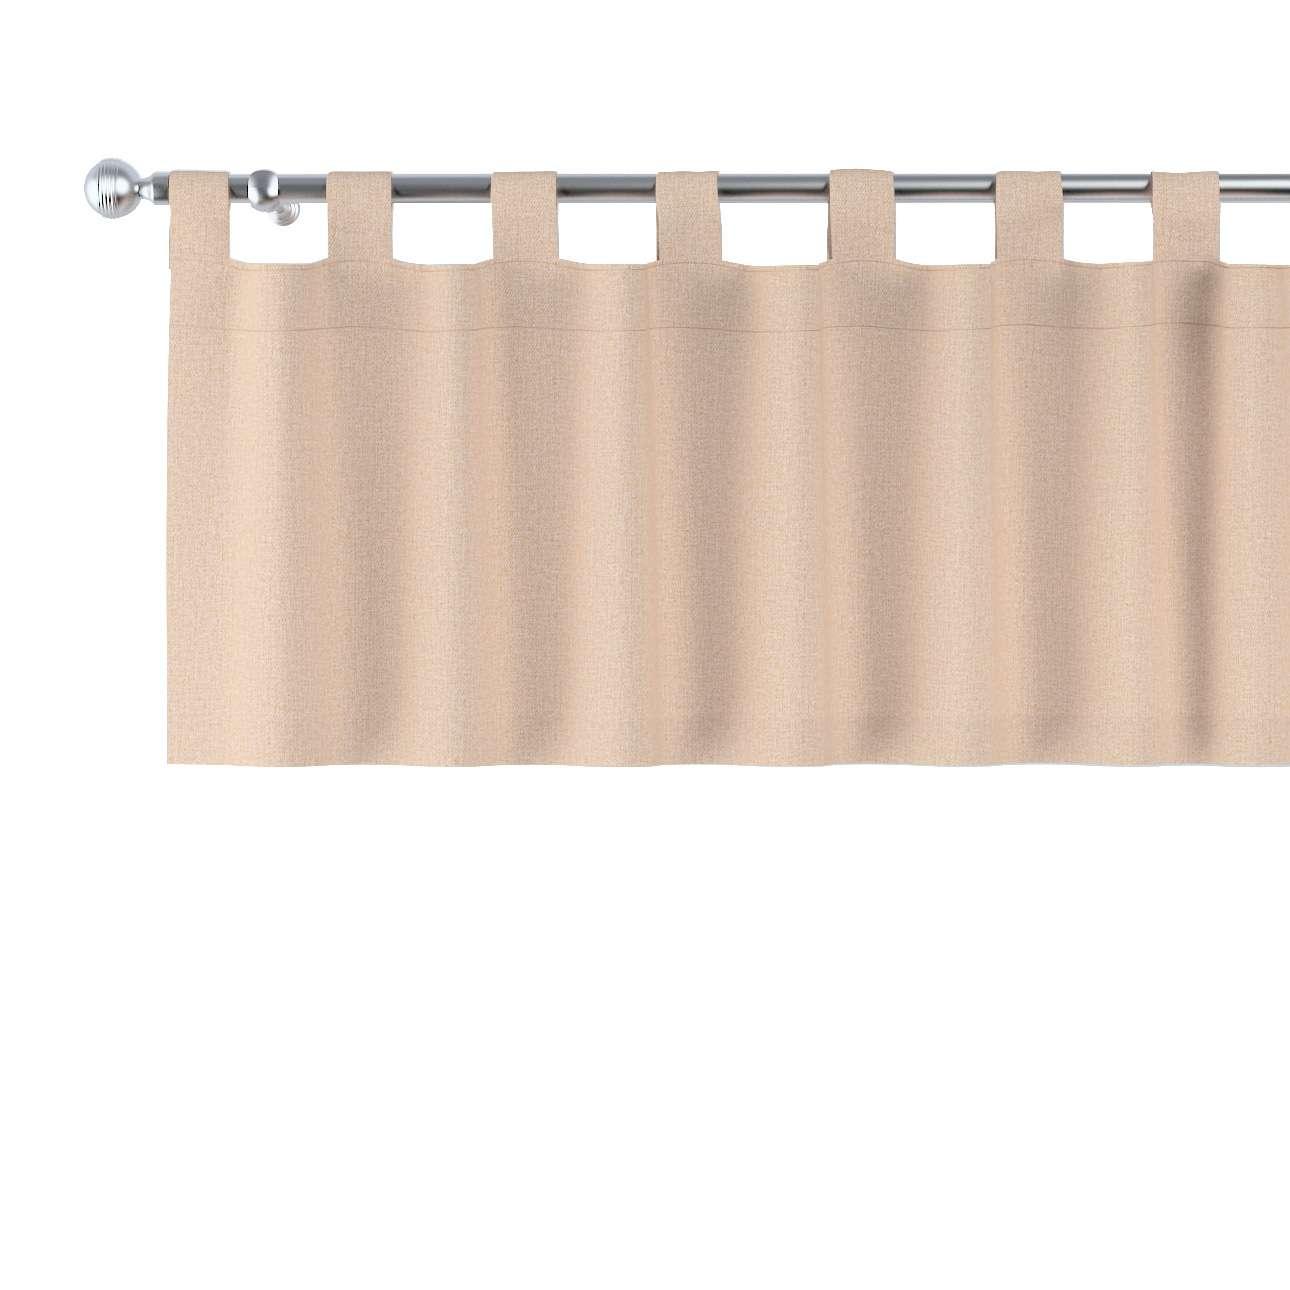 Gardinkappa med hällor 130x40cm i kollektionen Edinburgh , Tyg: 115-78